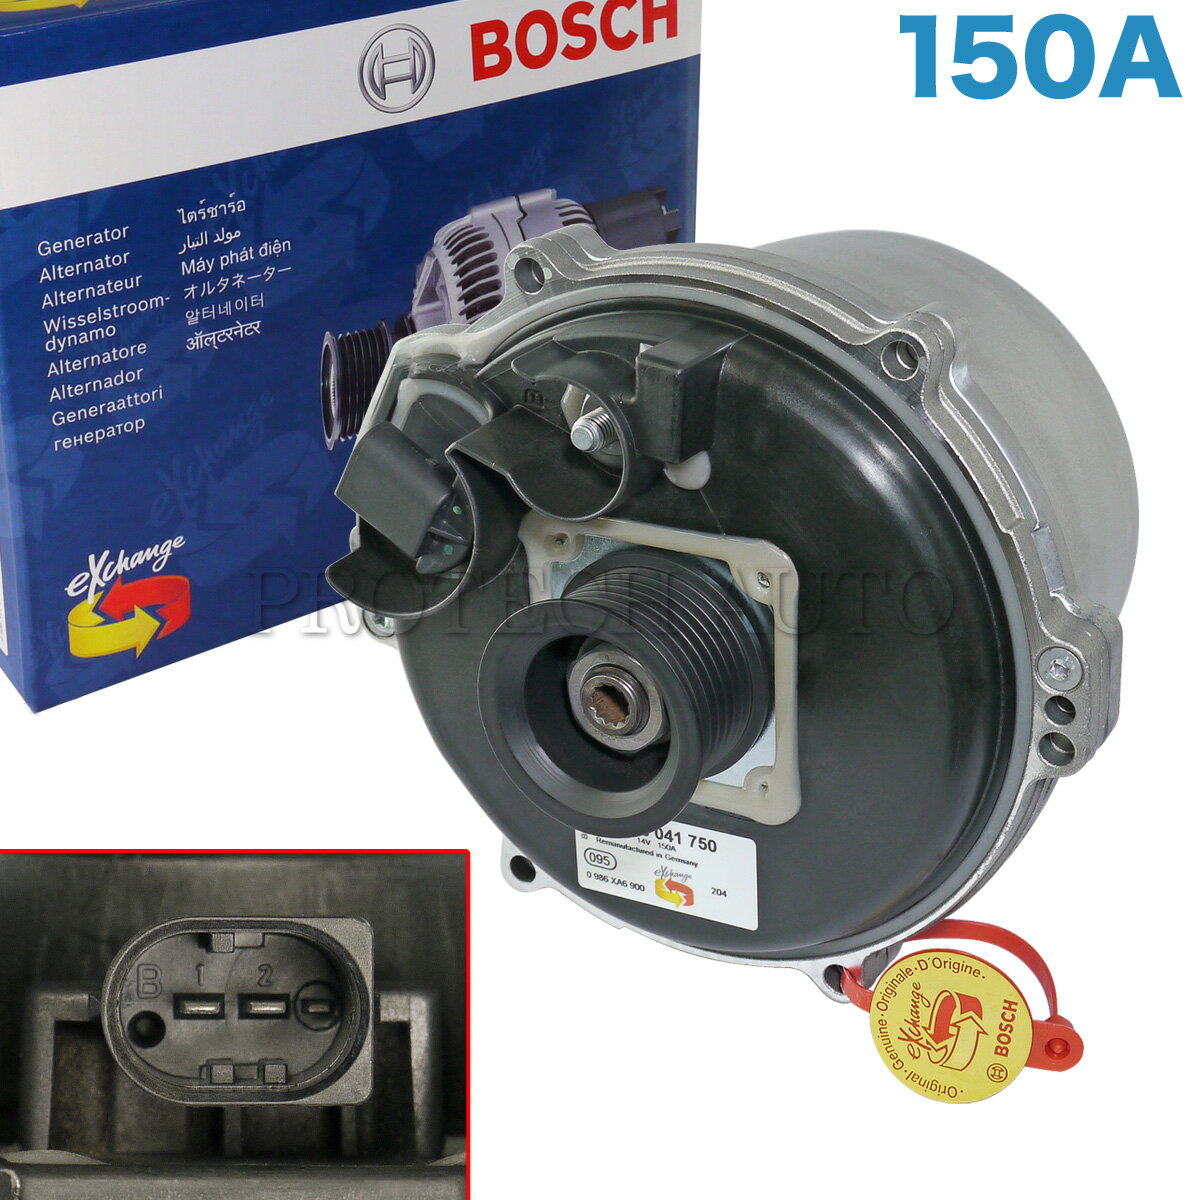 BOSCH製 BMW E39 E38 X5/E53 水冷式 オルタネーター/ダイナモ 150A M62エンジン用 12317508054 12317705483 12317508052 540i 735i 740i 750iL L7 4.4i 4.6is【あす楽対応】